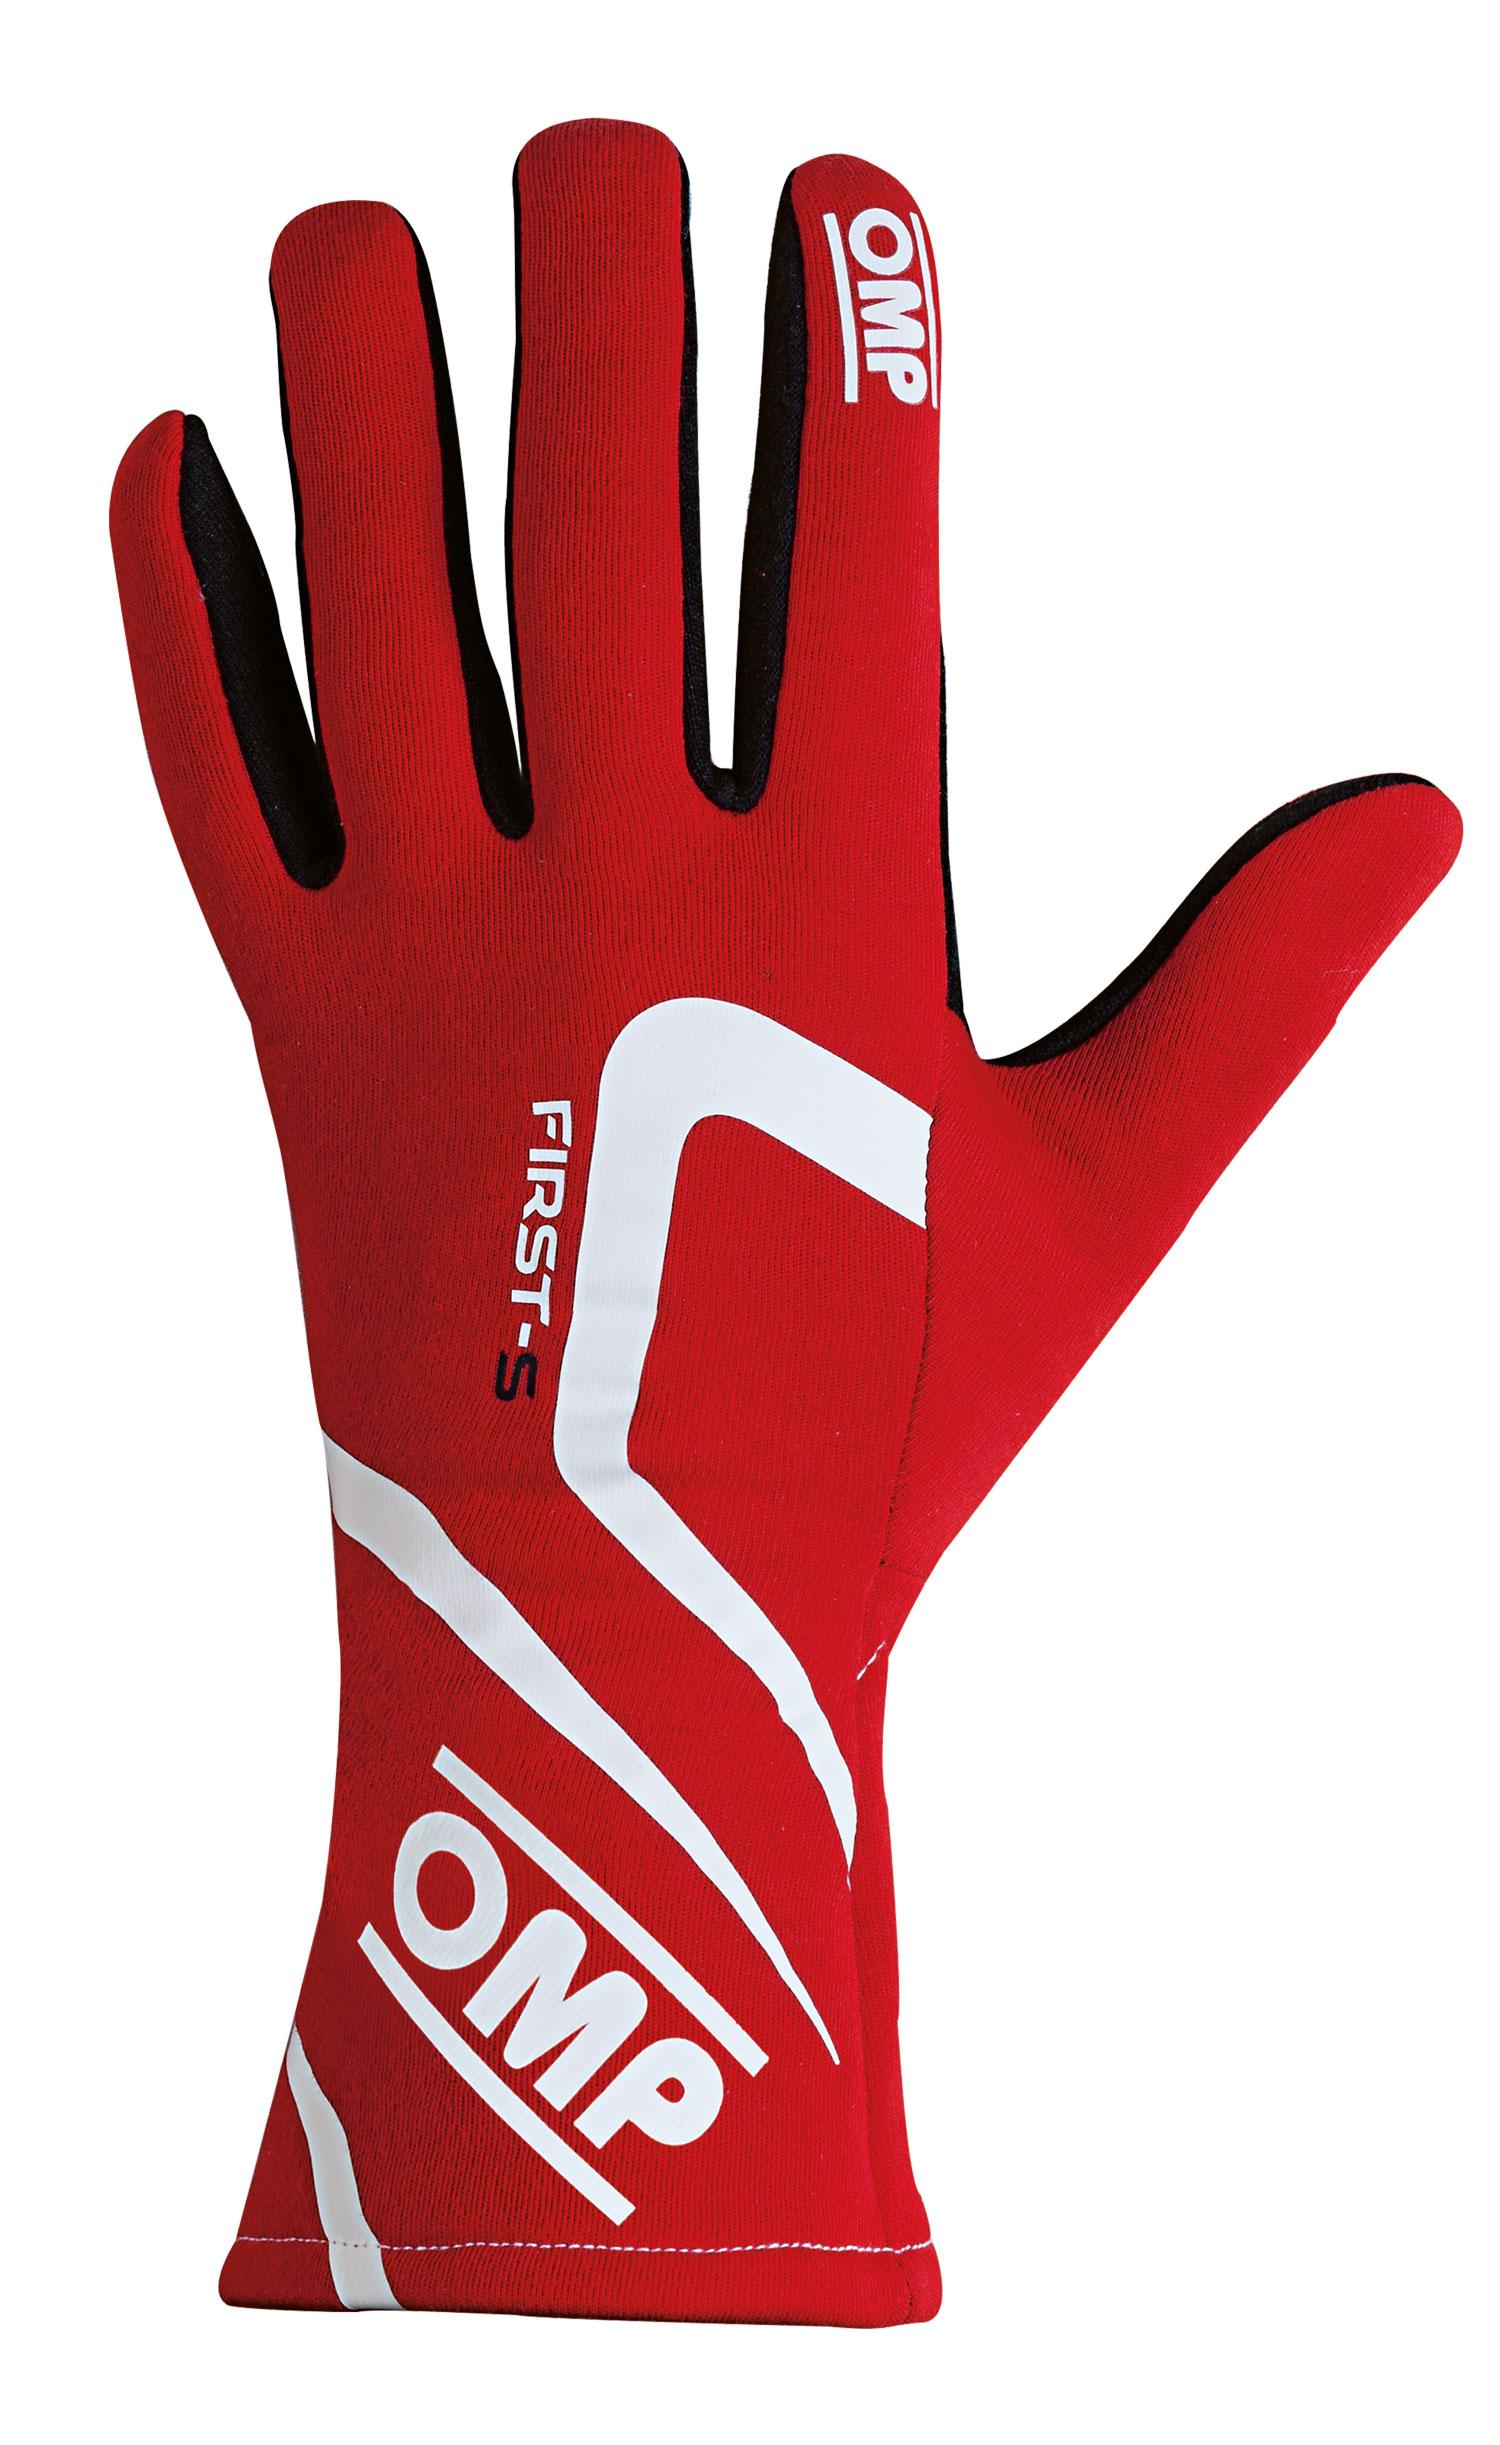 OMP Handschuhe First-S, rot